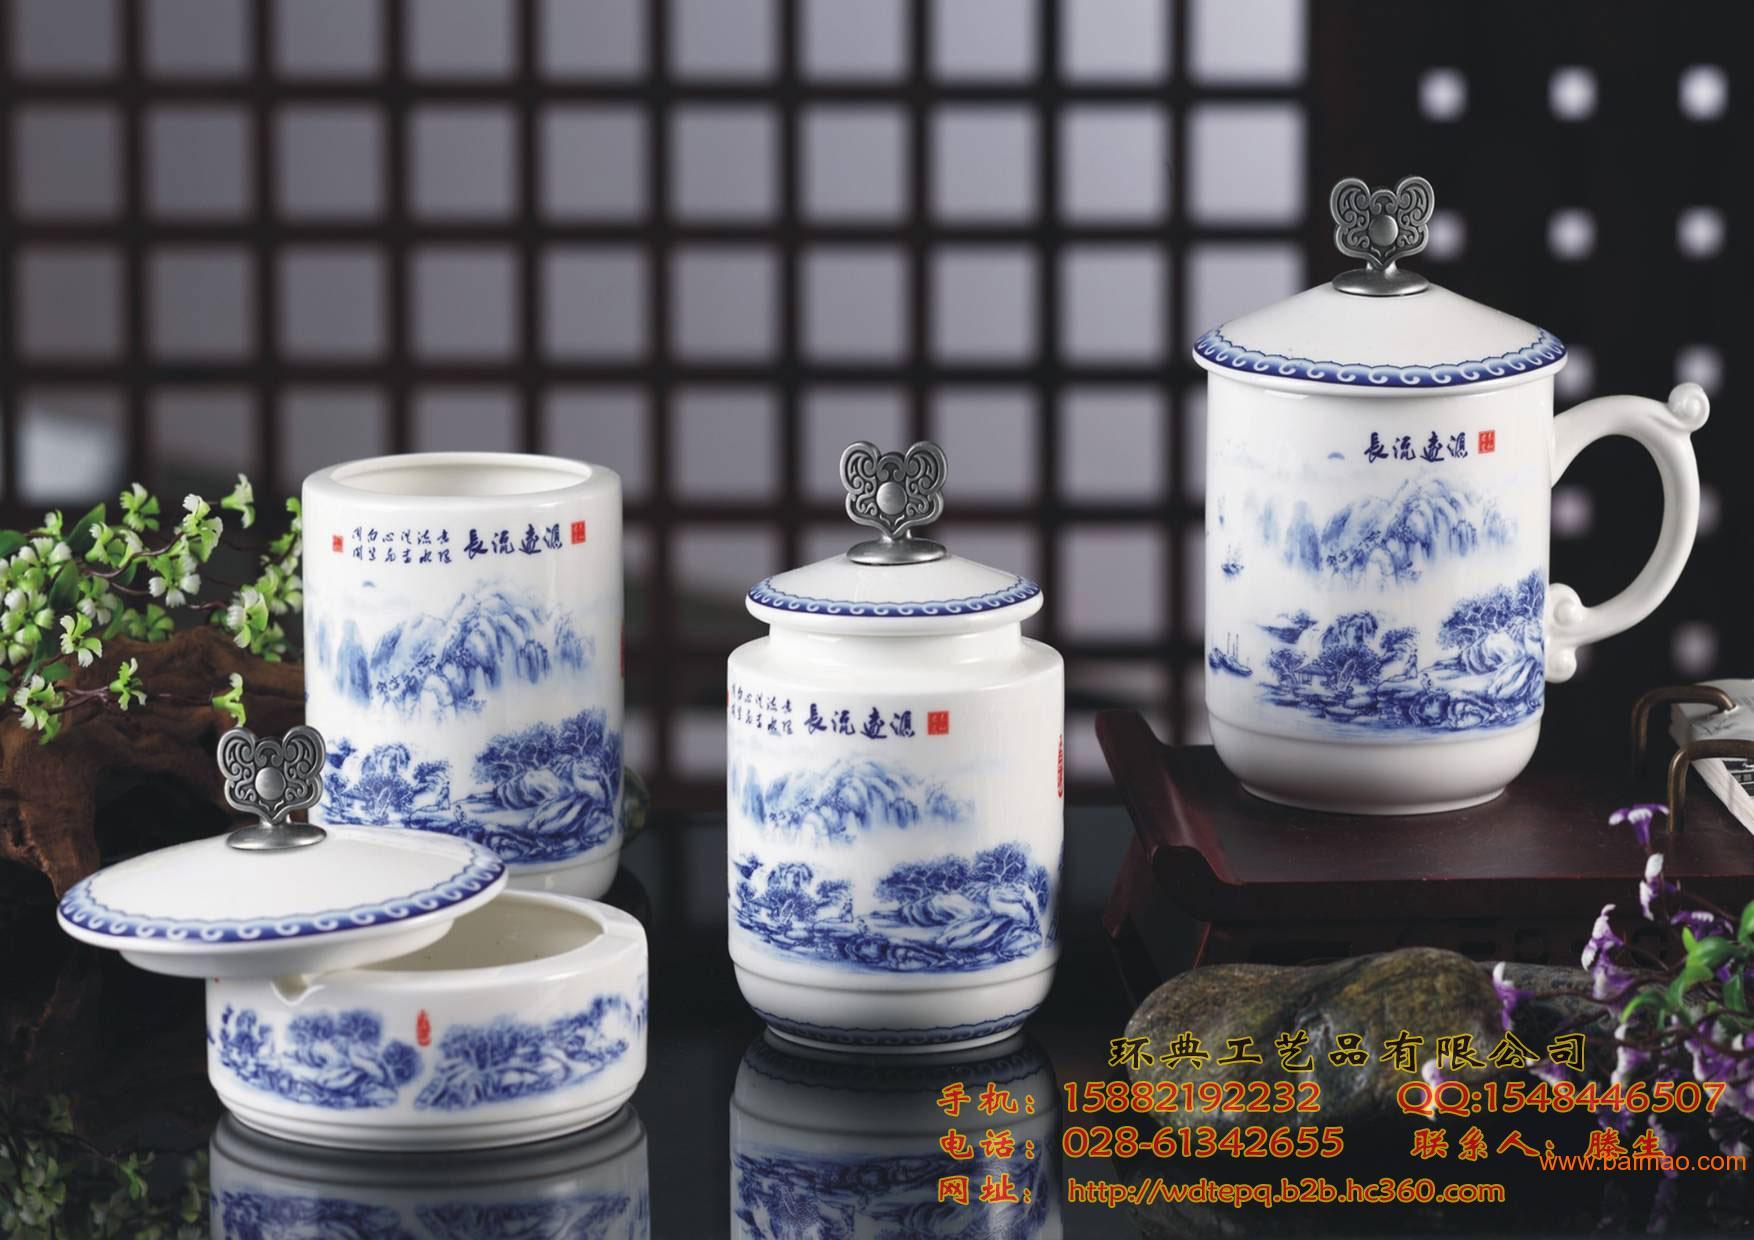 天津、重庆设计水晶礼品、纪念品各种实践地理奖杯野外活动考察教学设计图片